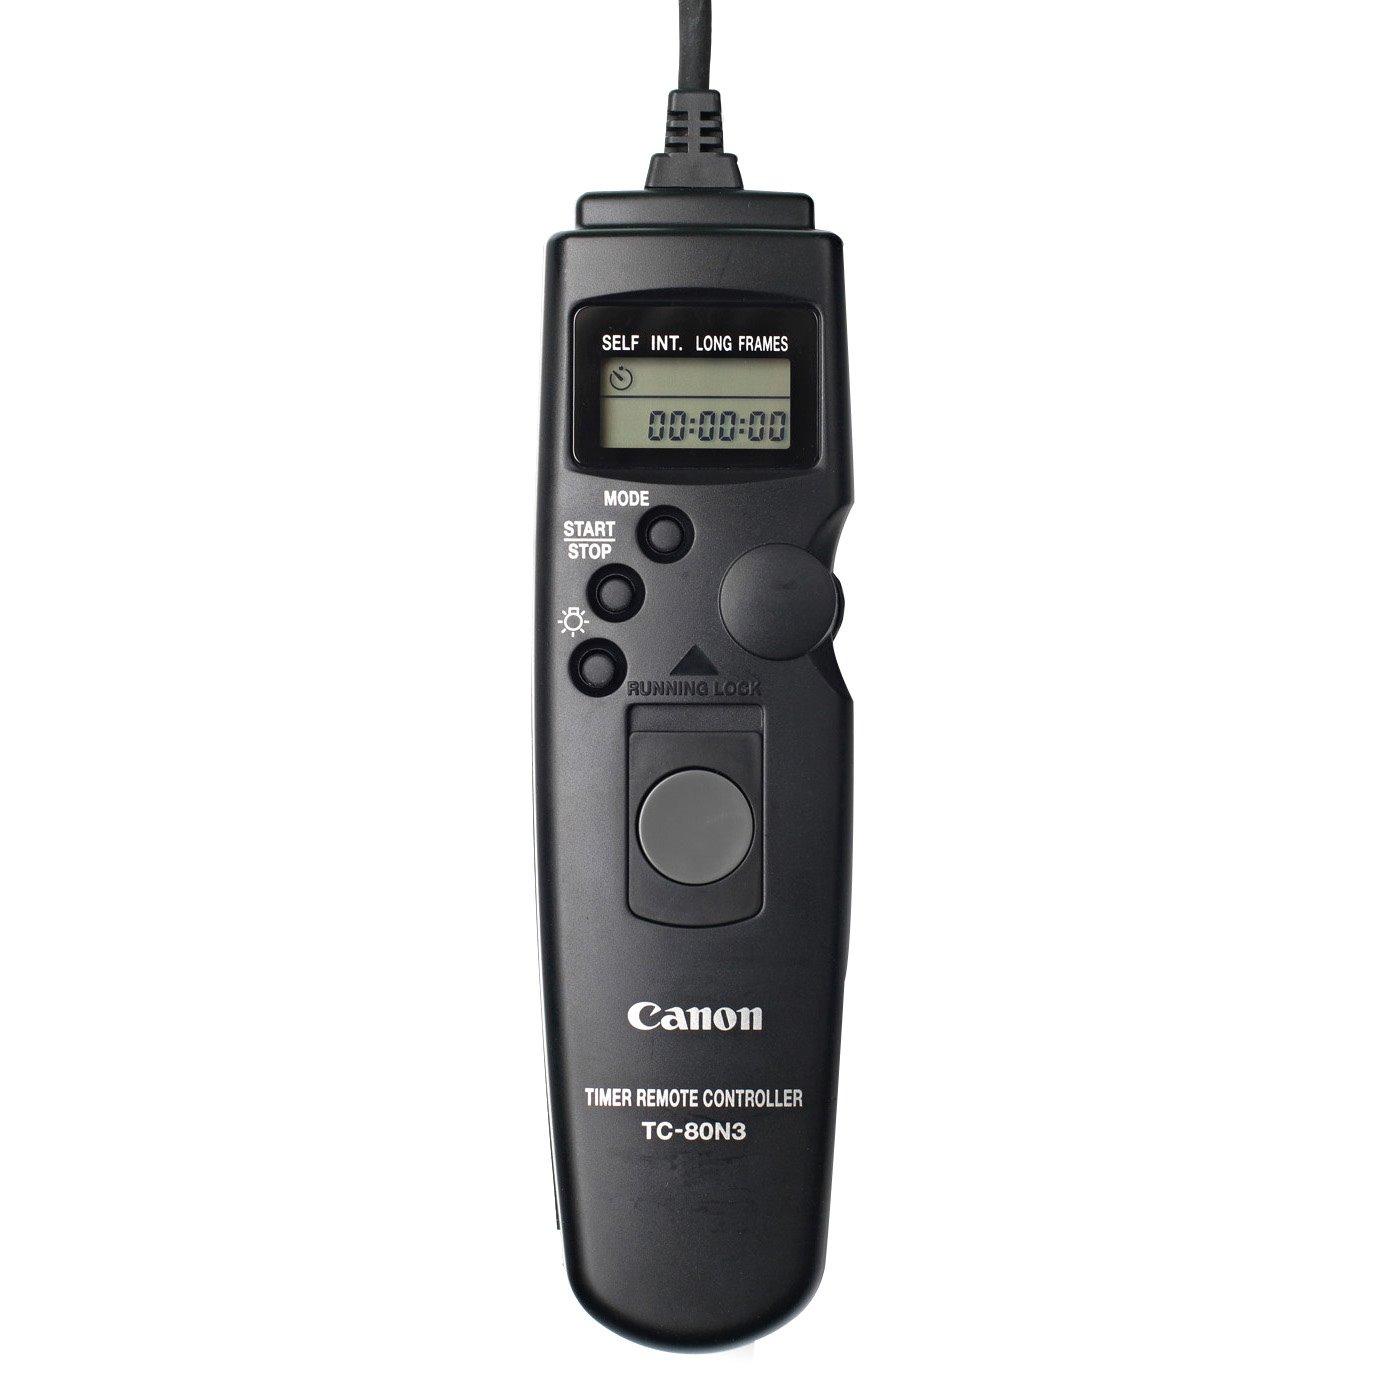 Canon TC-80N3 Cable Device Remote Control